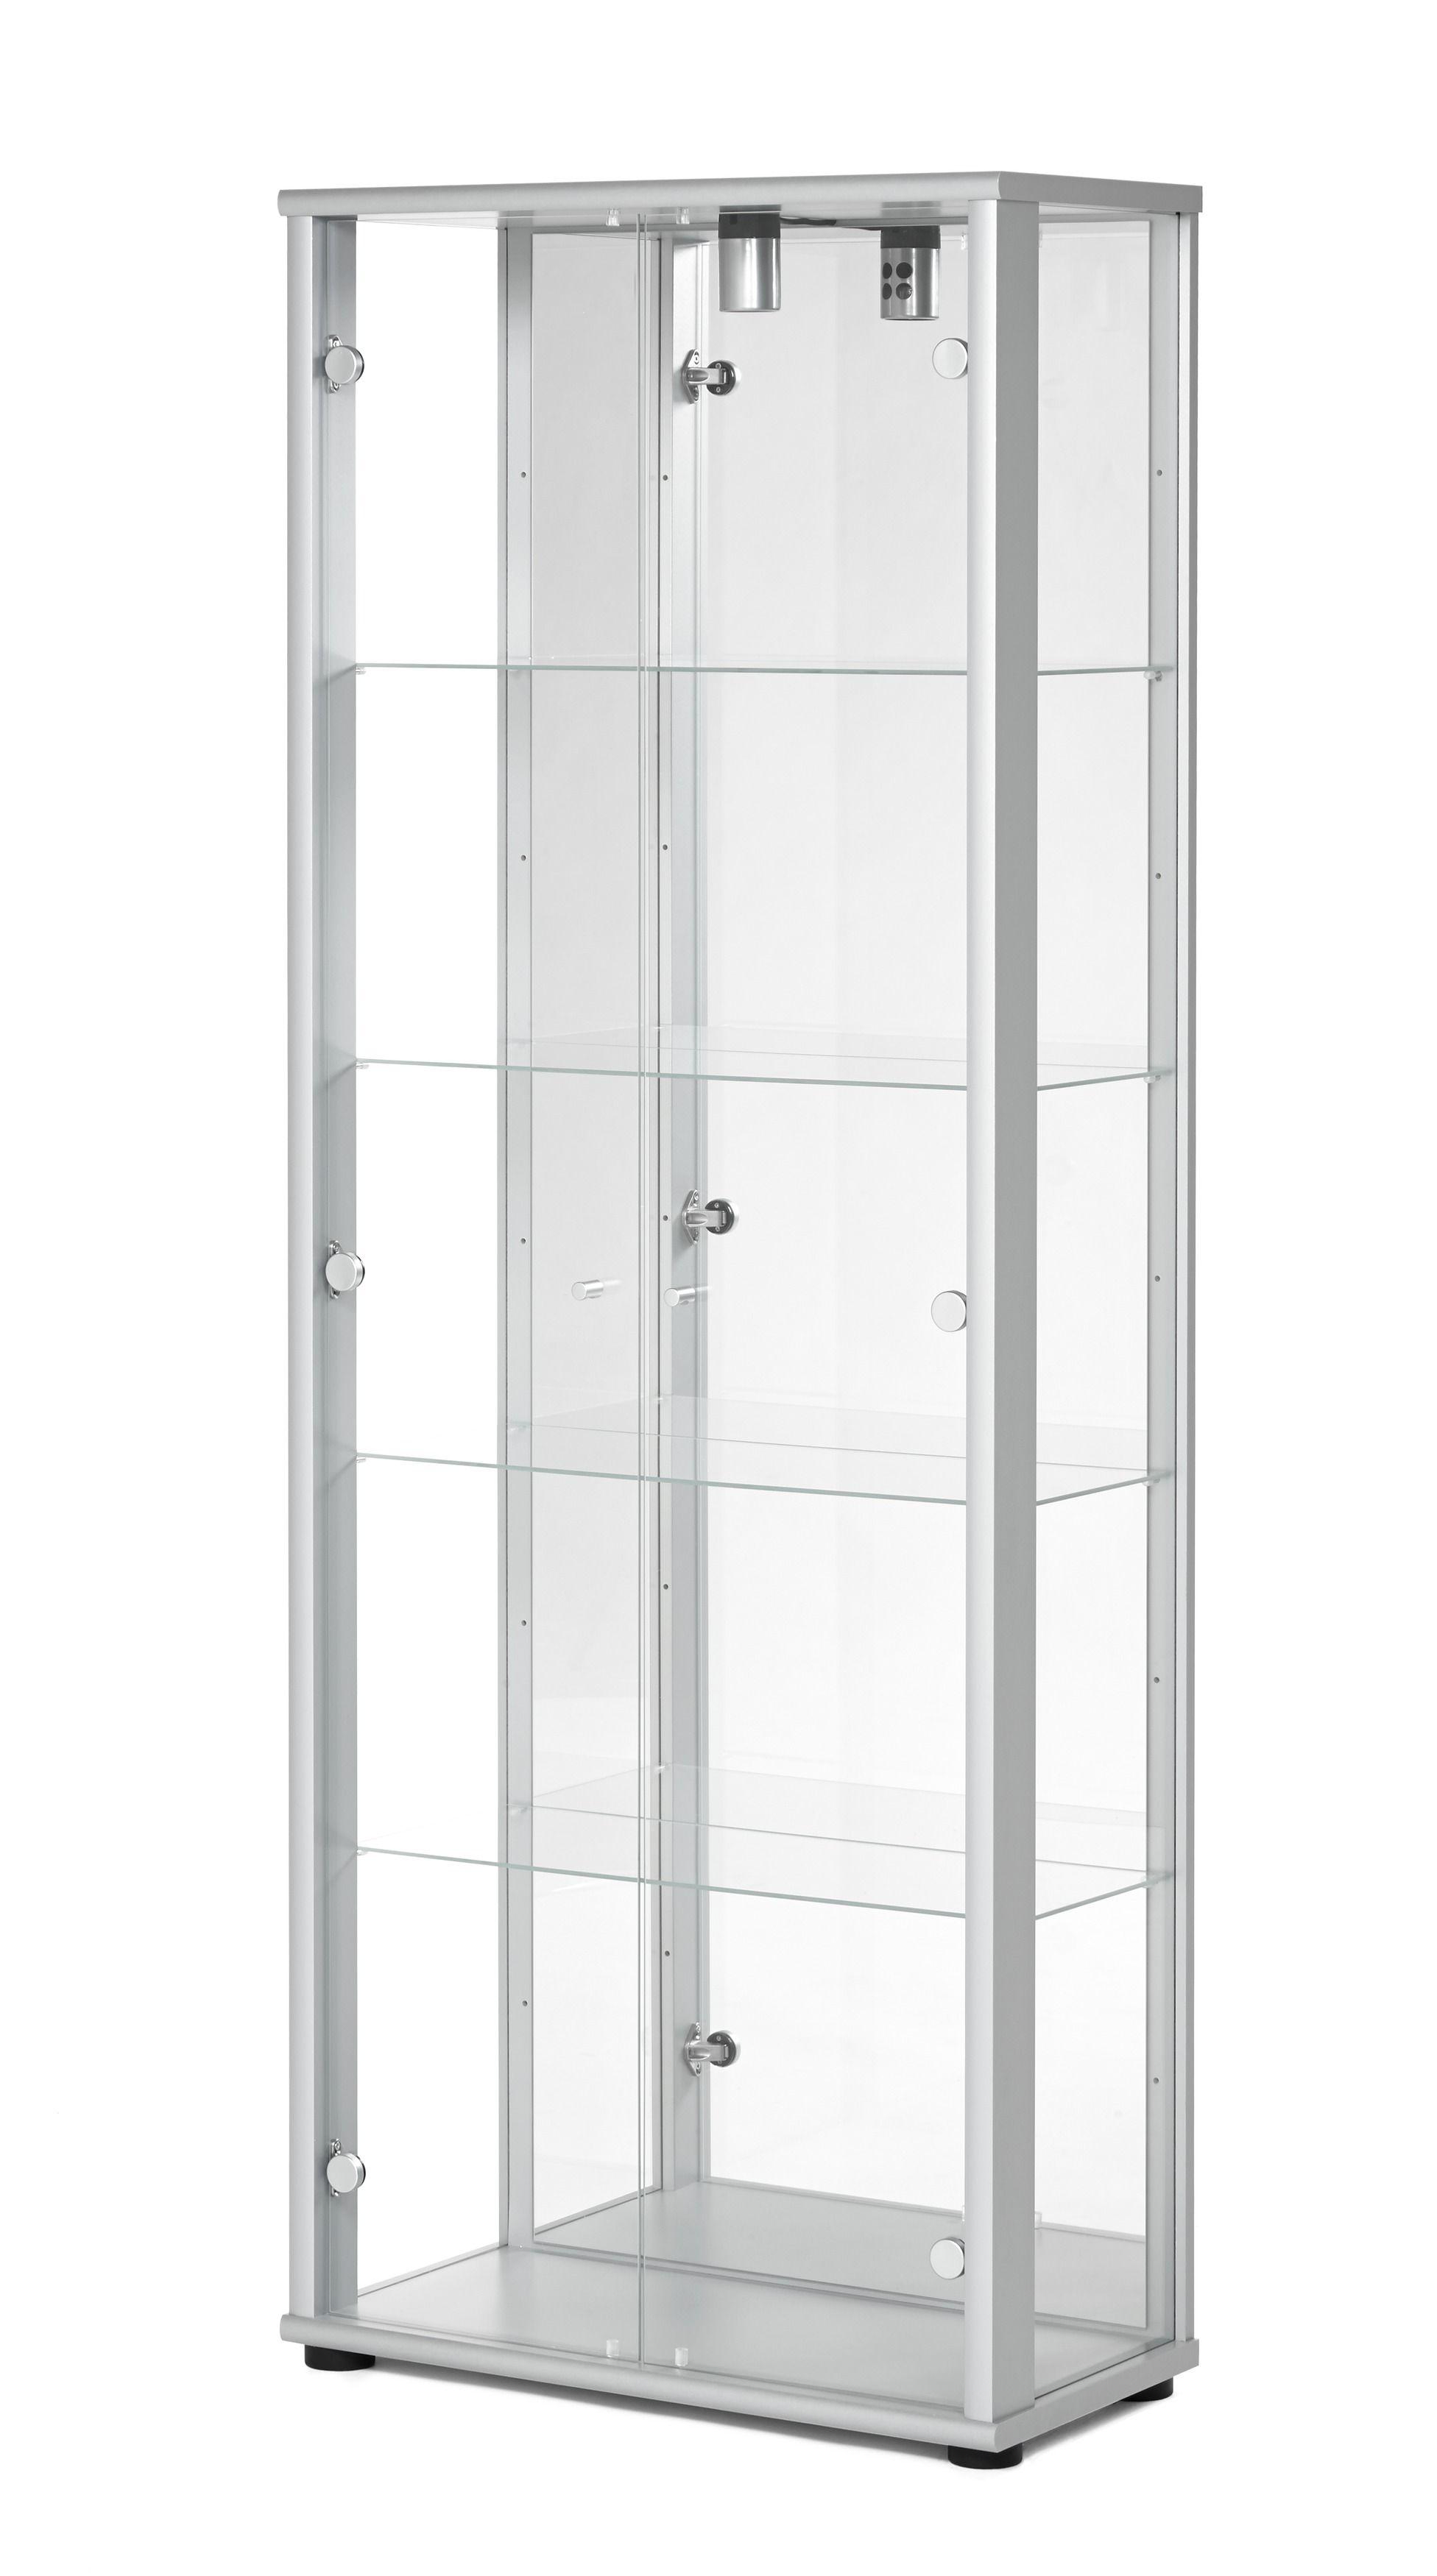 Toppen Vitrinskåp med stora glasytor och en spegel. Belysning ingår. | My PN-37